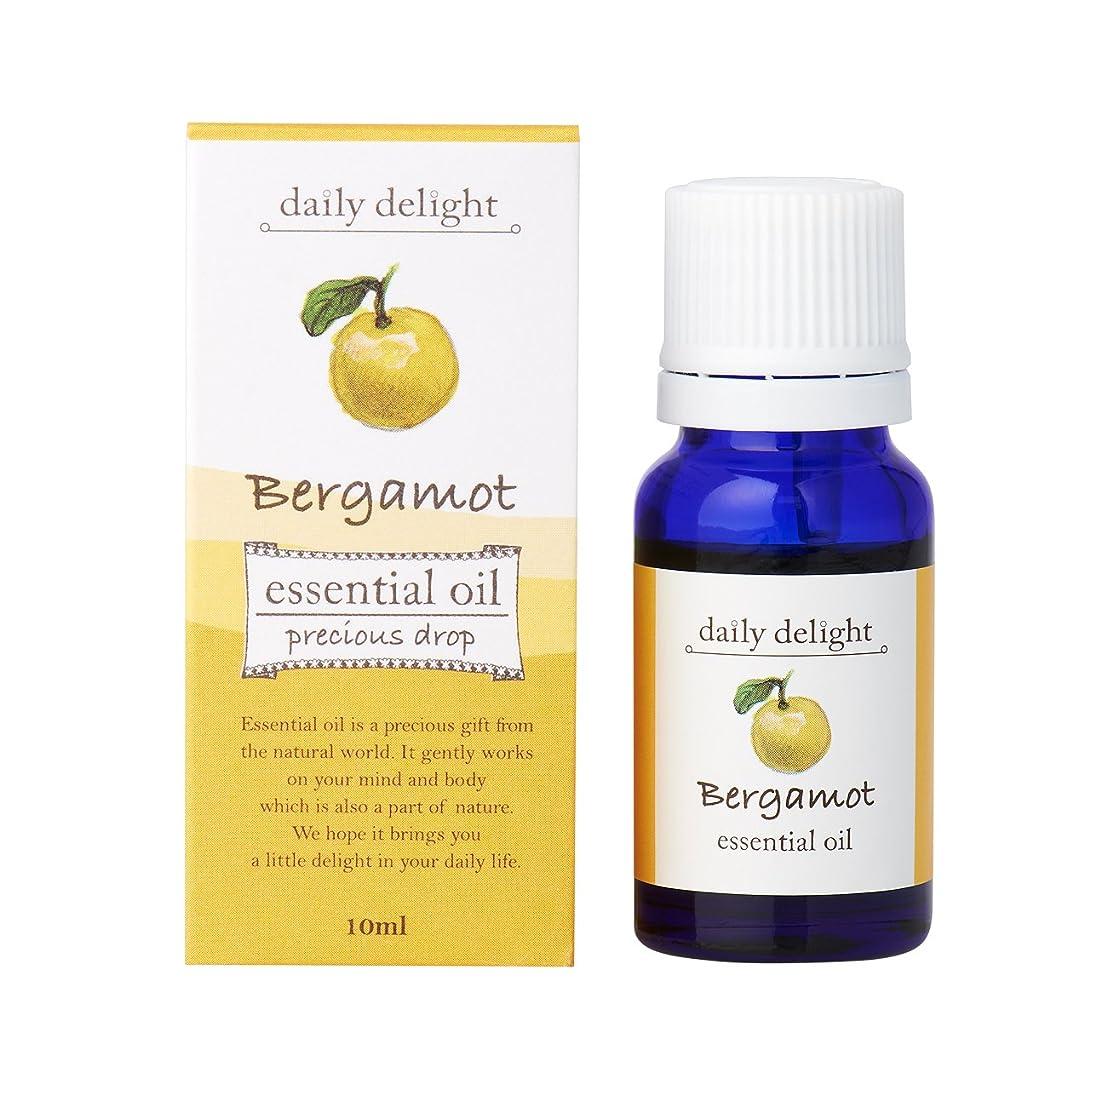 アパル批判素子デイリーディライト エッセンシャルオイル  ベルガモット 10ml(天然100% 精油 アロマ 柑橘系 甘さが少なめでみずみずしく美しい香り)